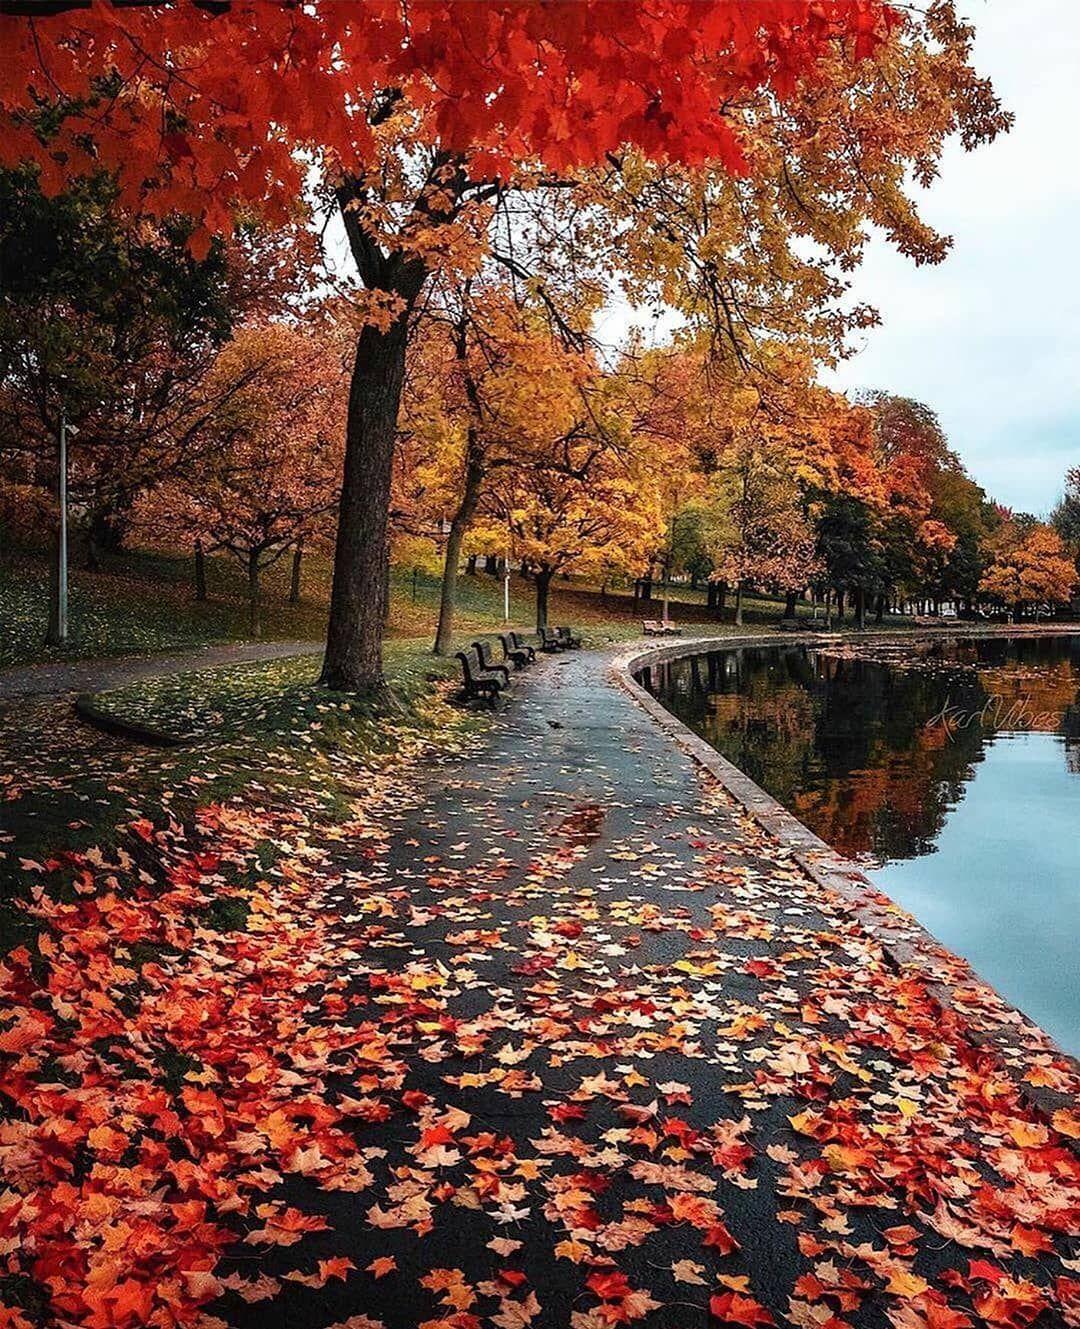 Last Autumn Vibes Autumn Landscape Autumn Scenery Autumn Photography